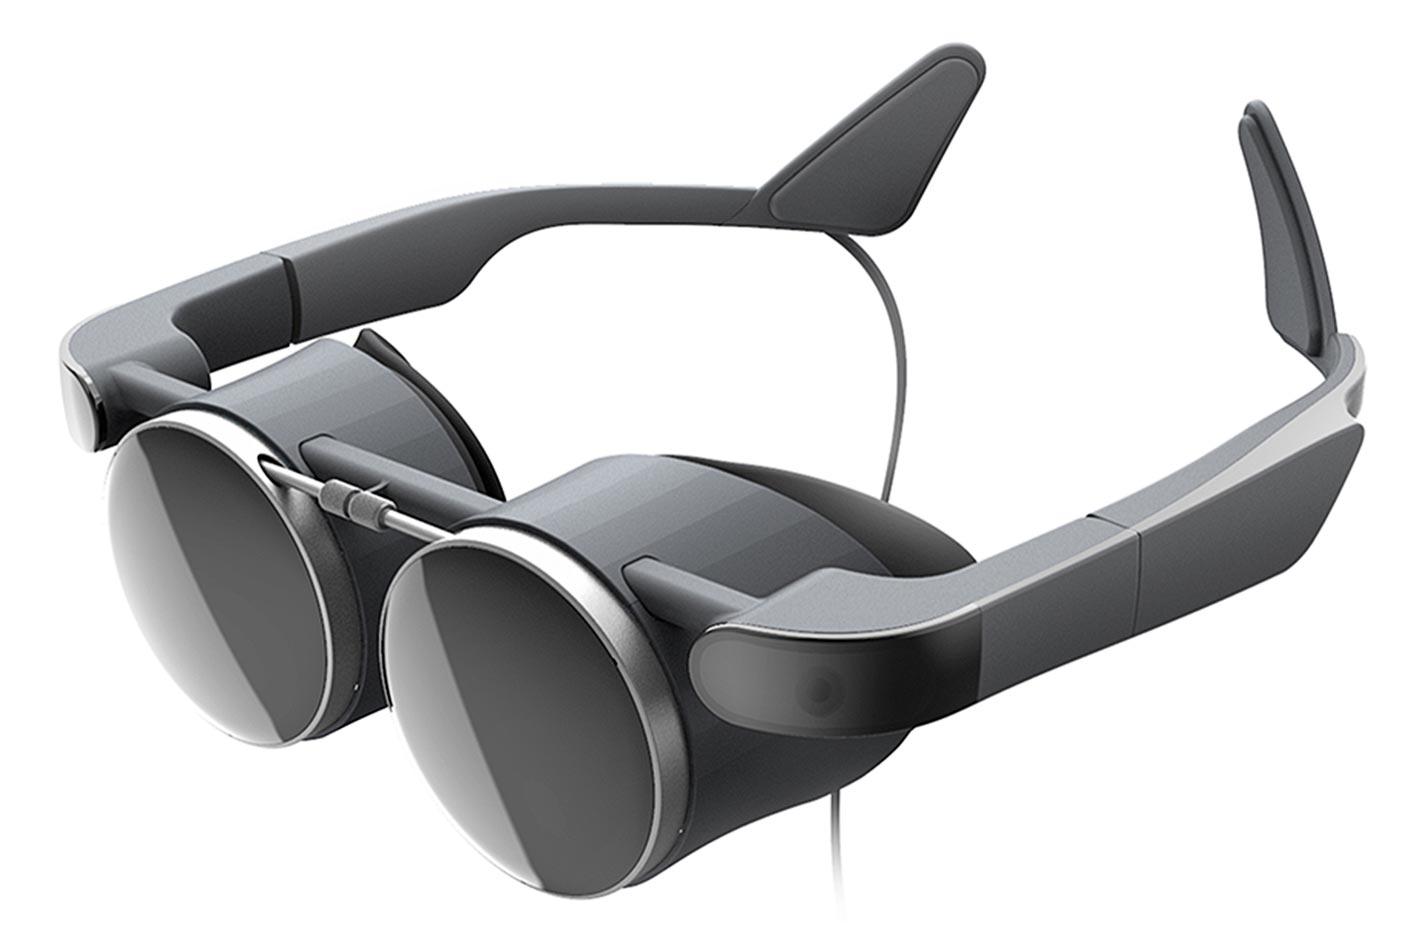 Panasonic's VR Glasses return for CES 2021